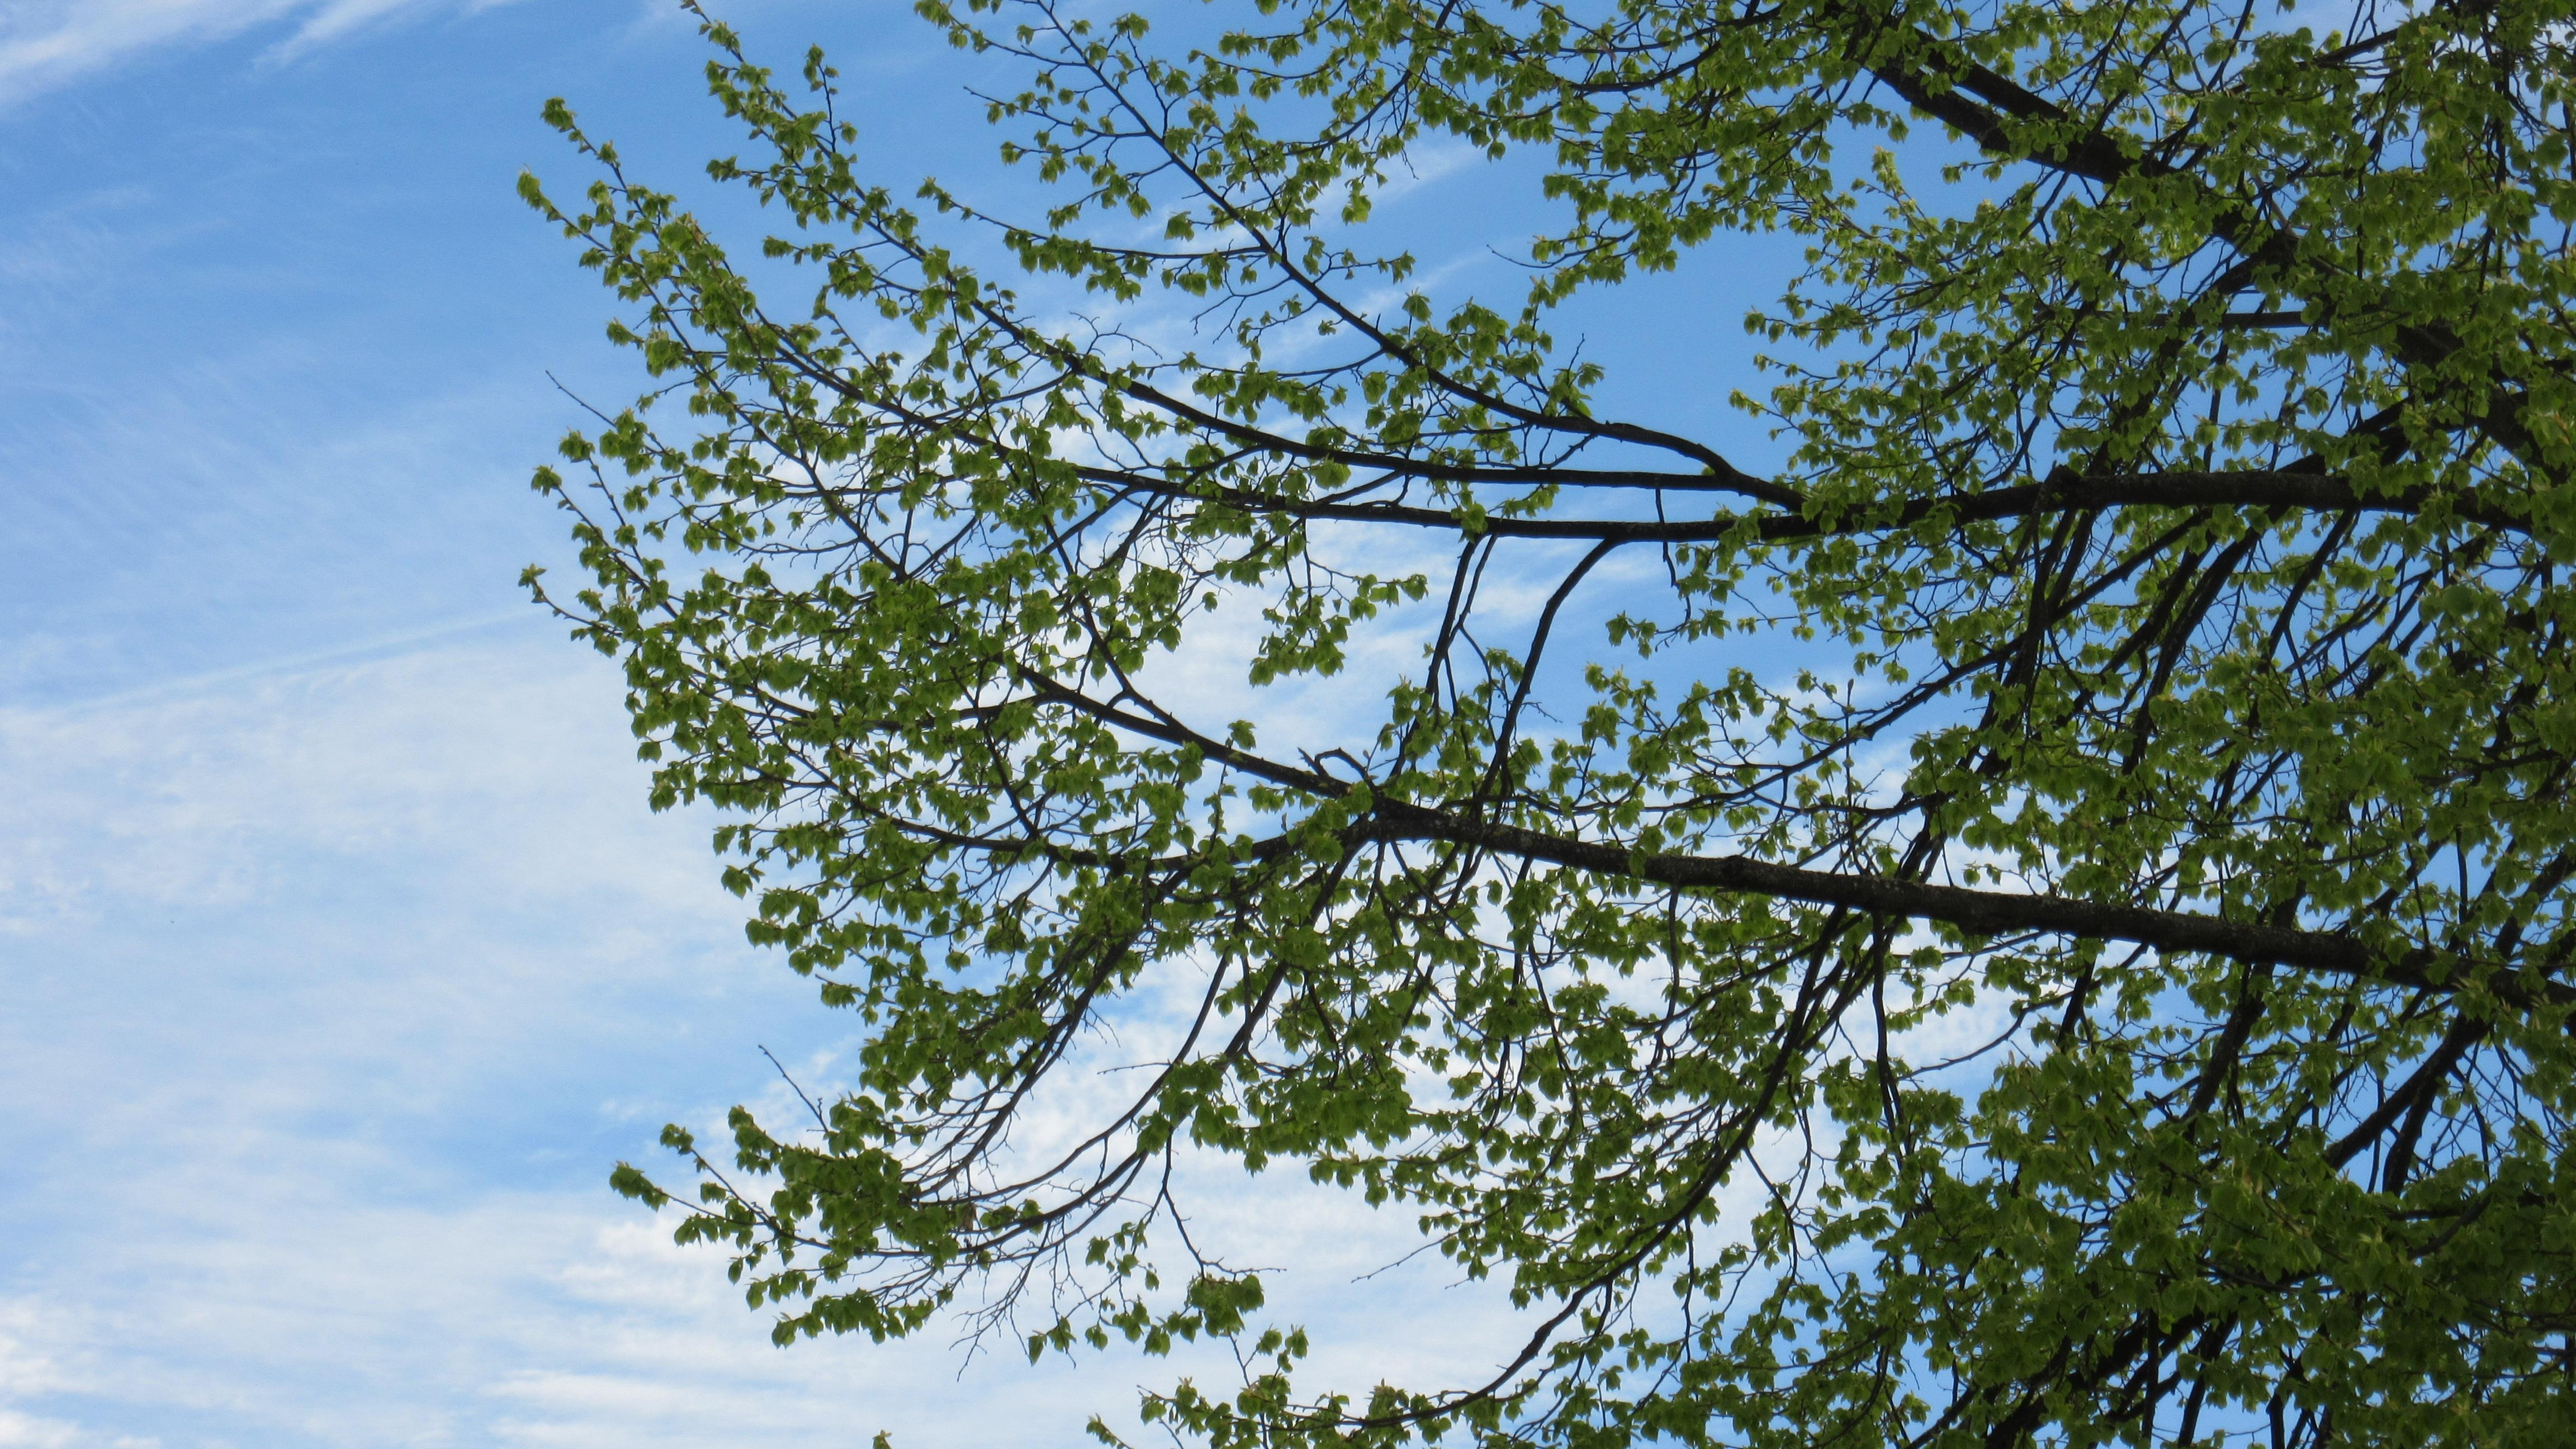 Fotos gratis : árbol, naturaleza, rama, cielo, luz de sol, hoja ...